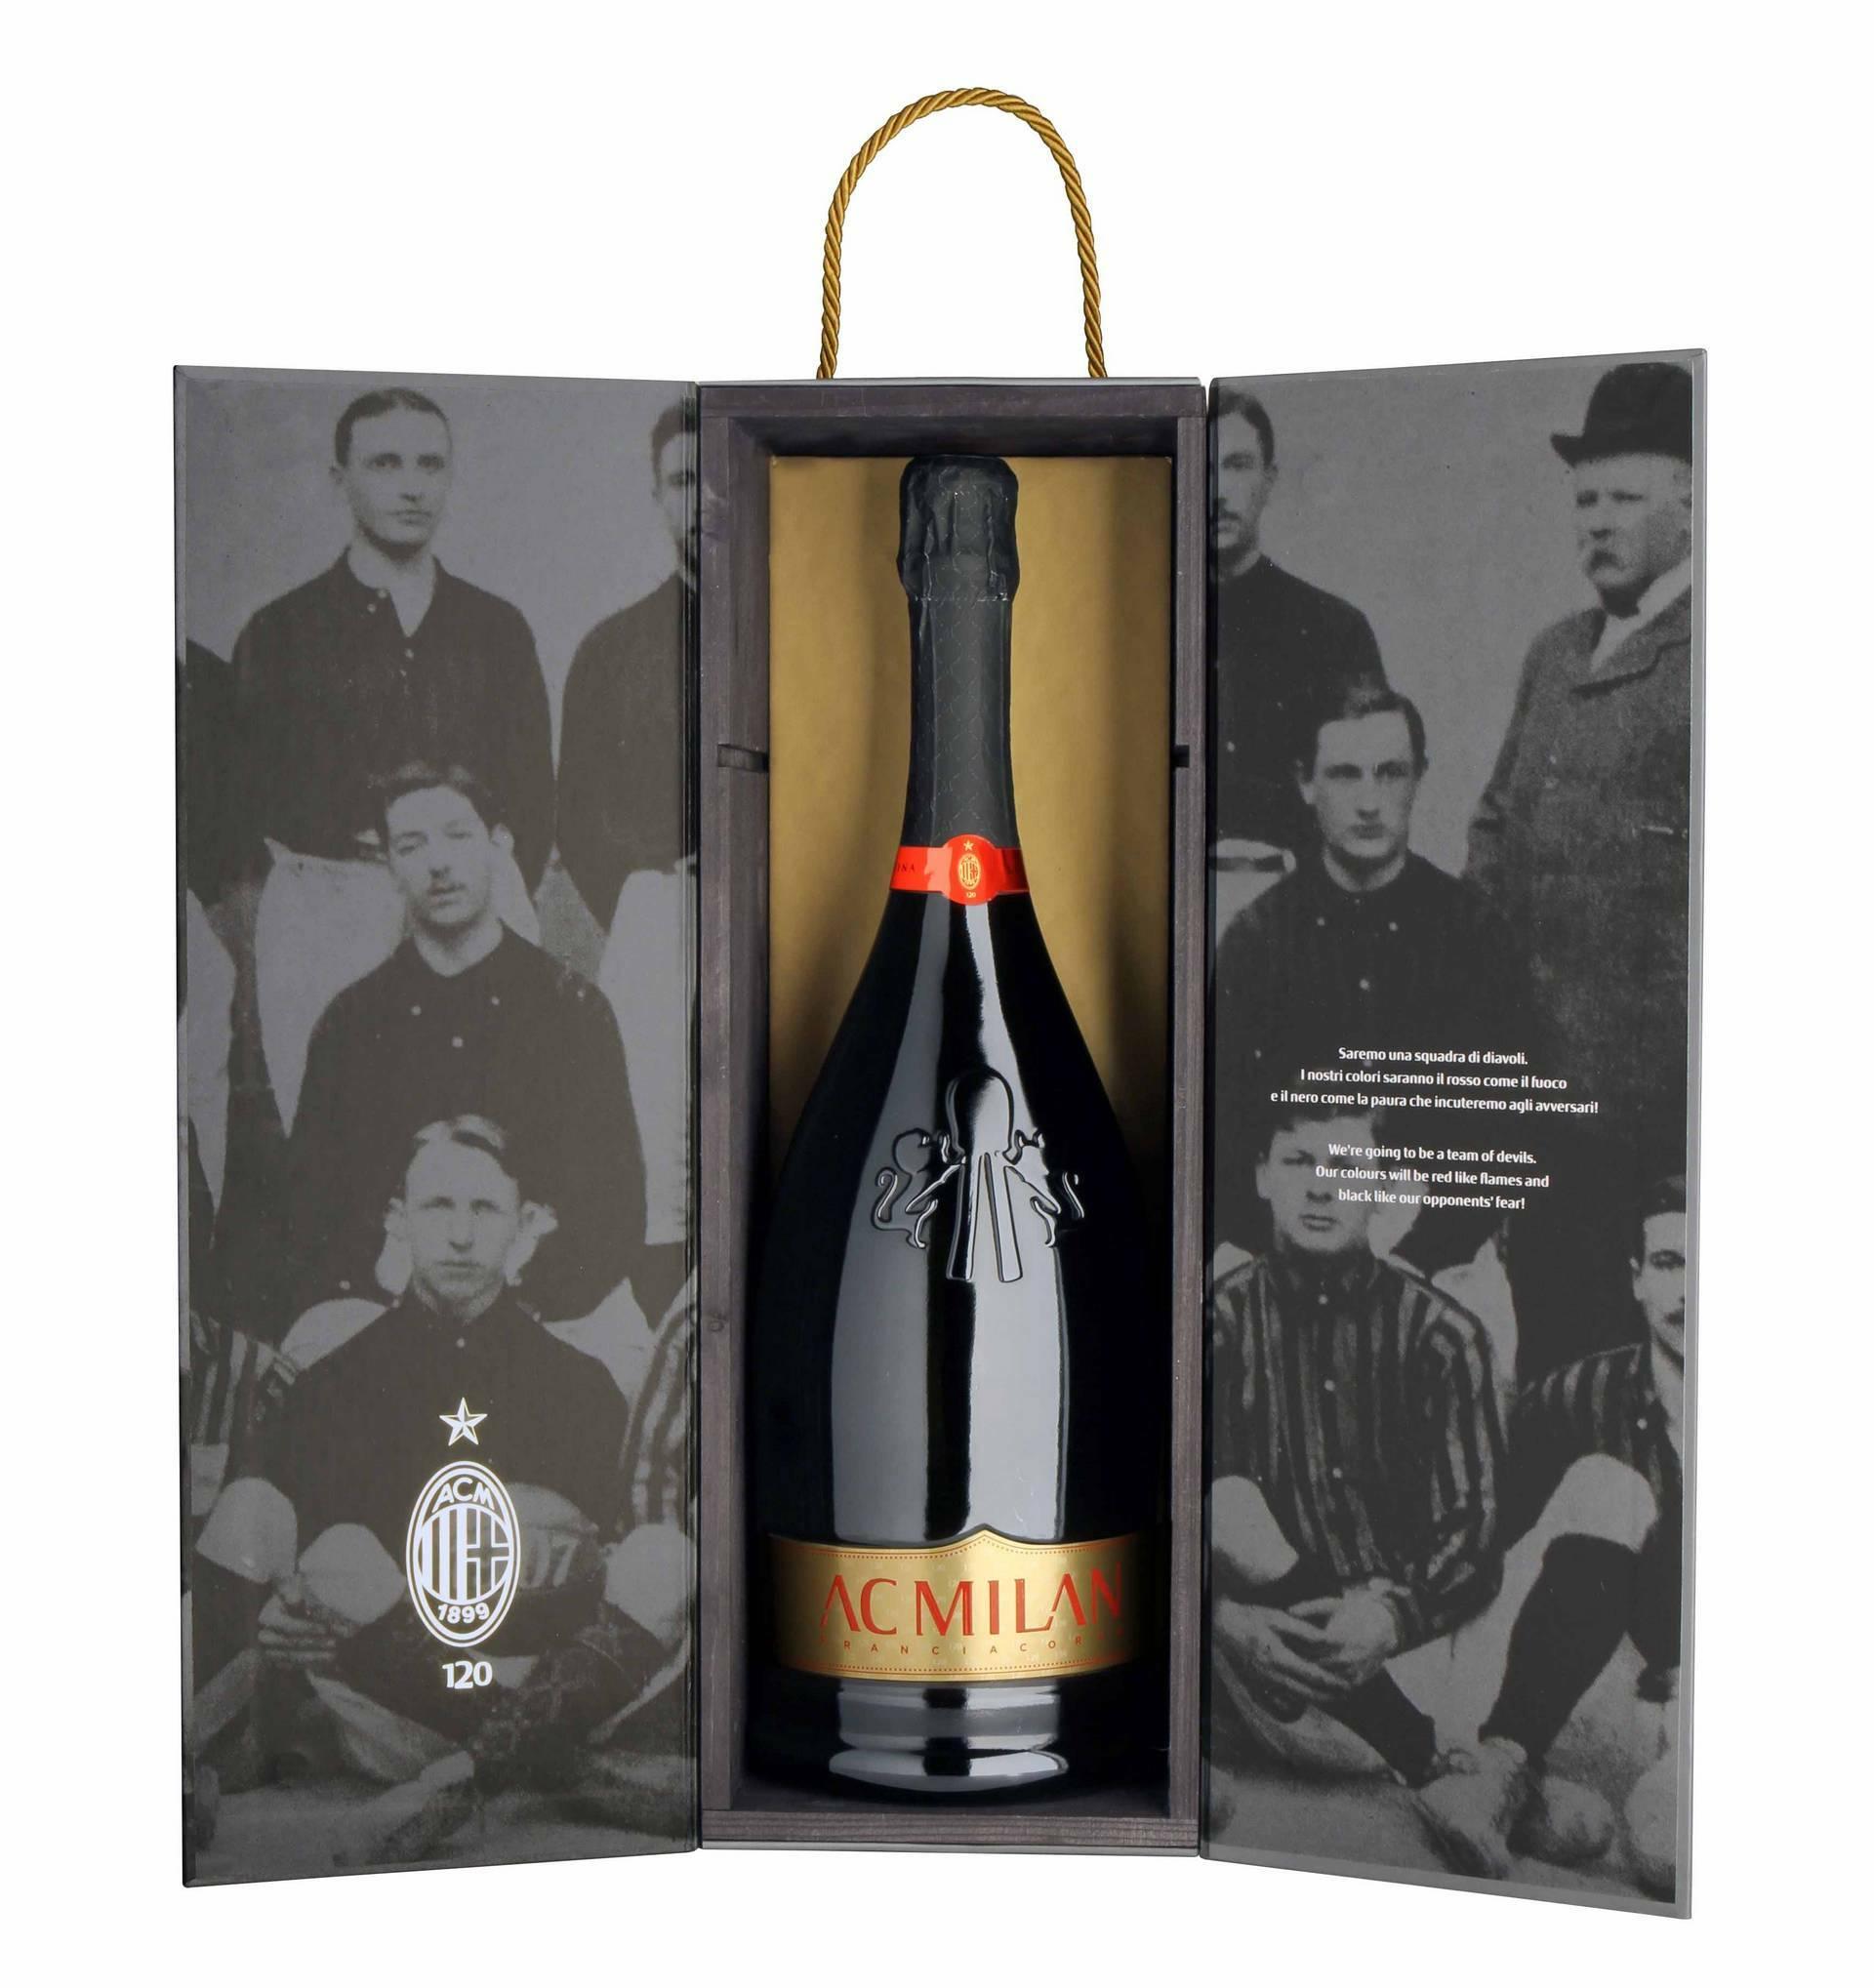 Magnum Franciacorta RossoNero anniversario 120° Ac Milan 15128